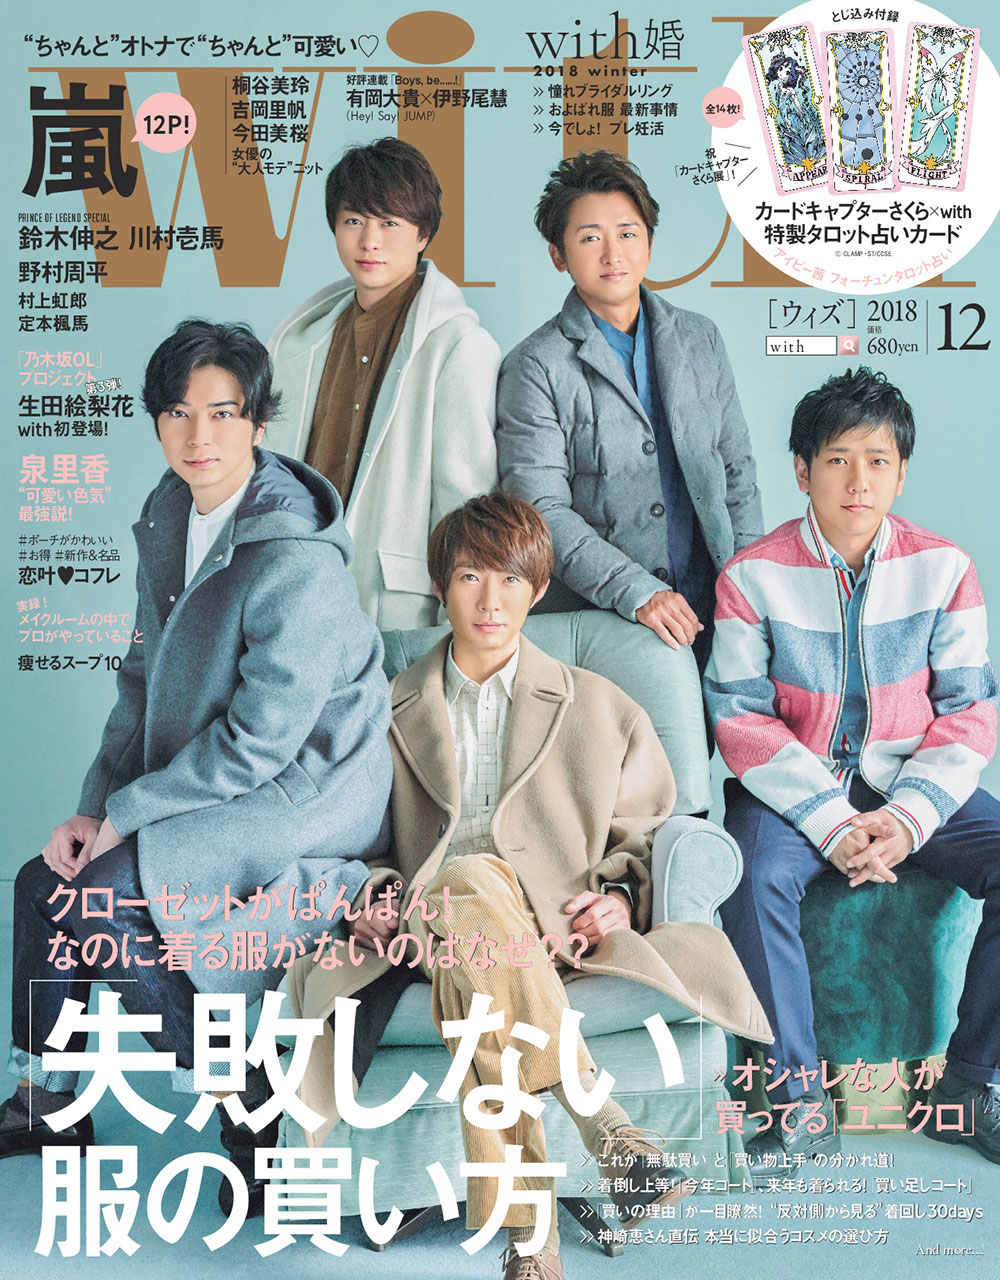 嵐、雑誌「with」12月号の表紙に...